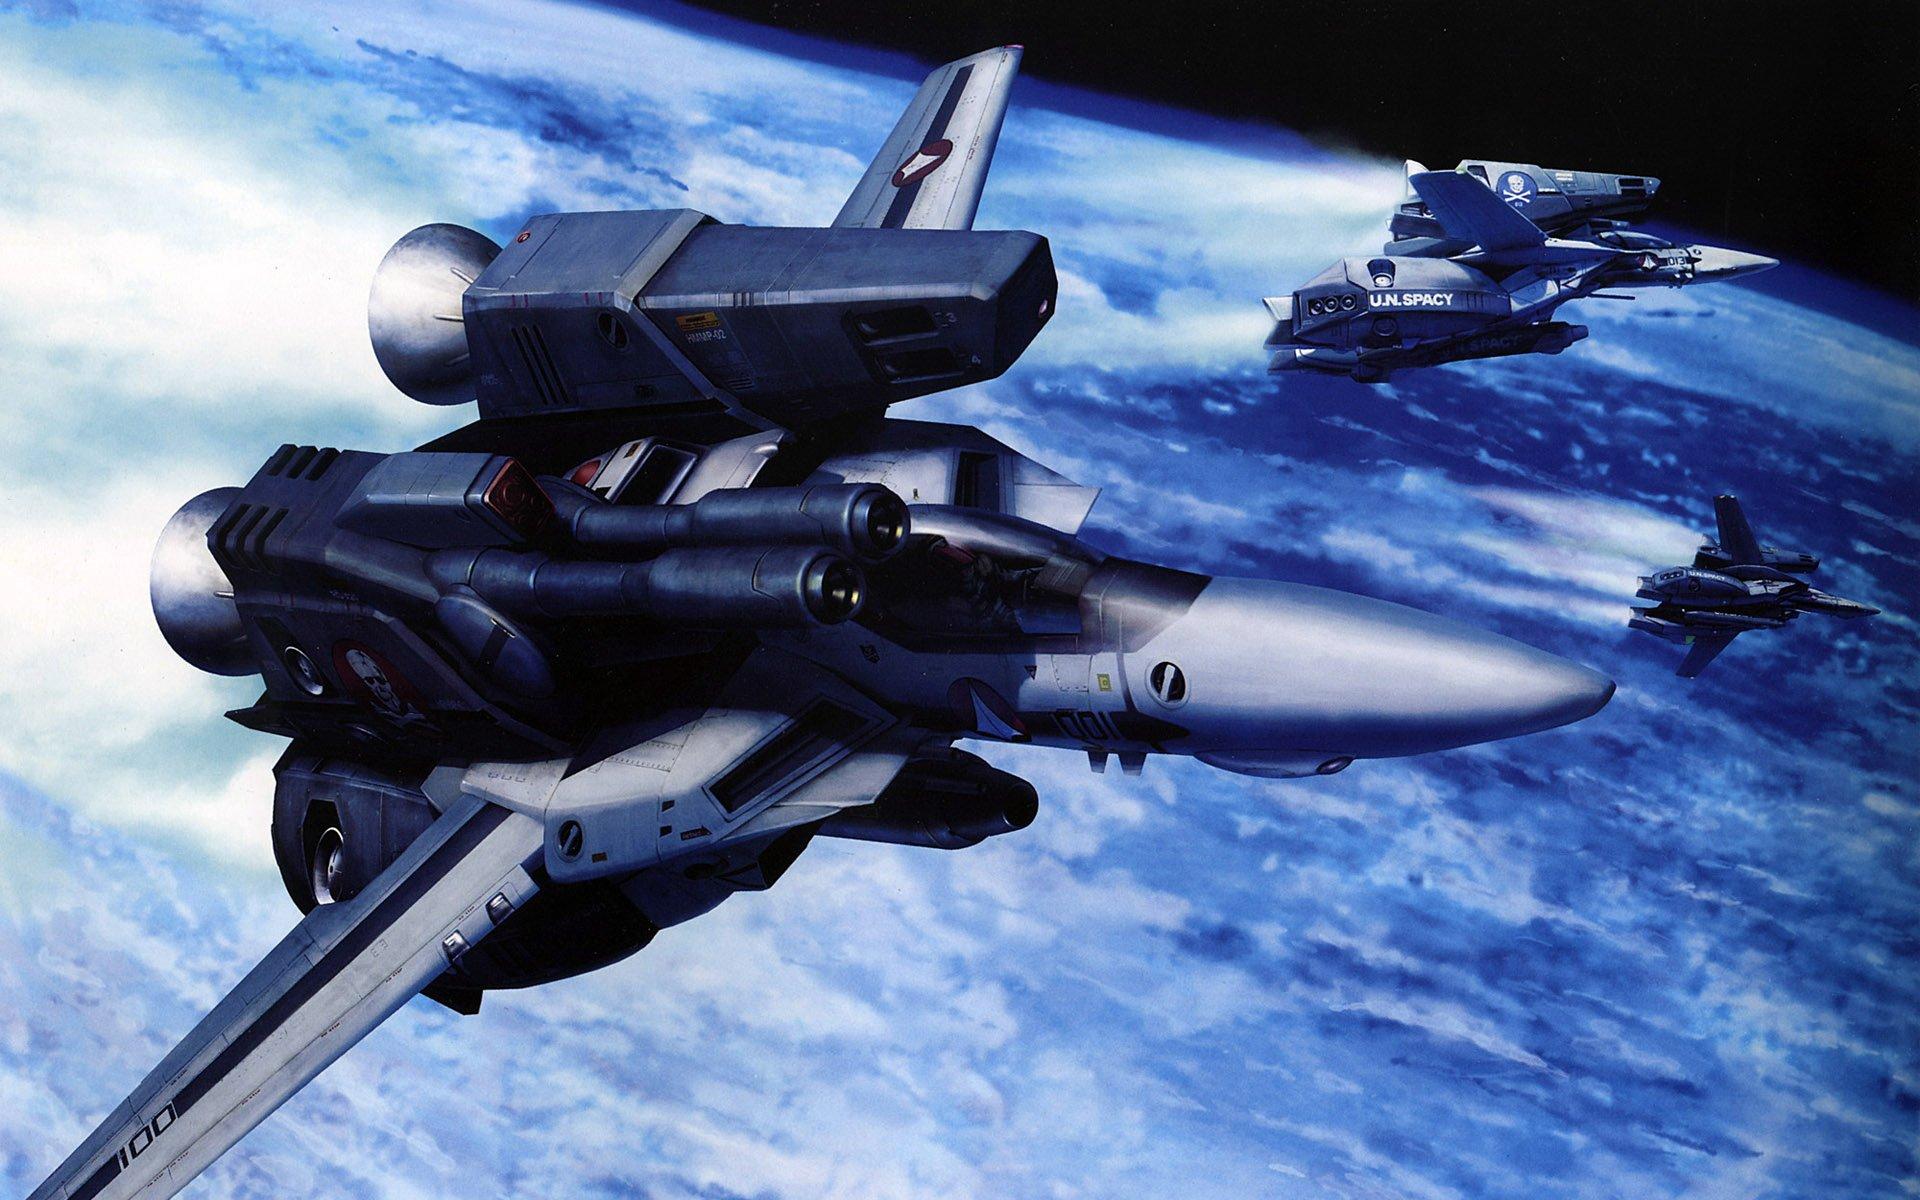 Aircraft macross military valkyrie robotech jet aircraft wallpaper ...